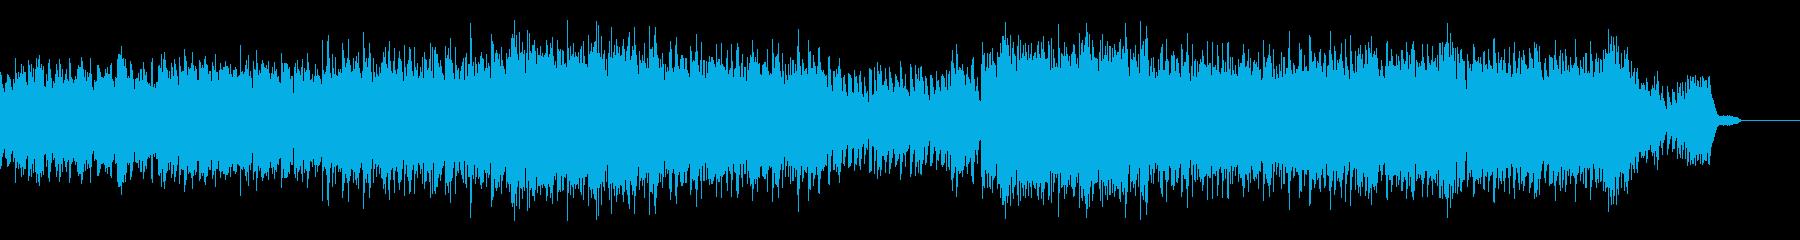 希望に満ち溢れたノれるリズムのピアノの再生済みの波形